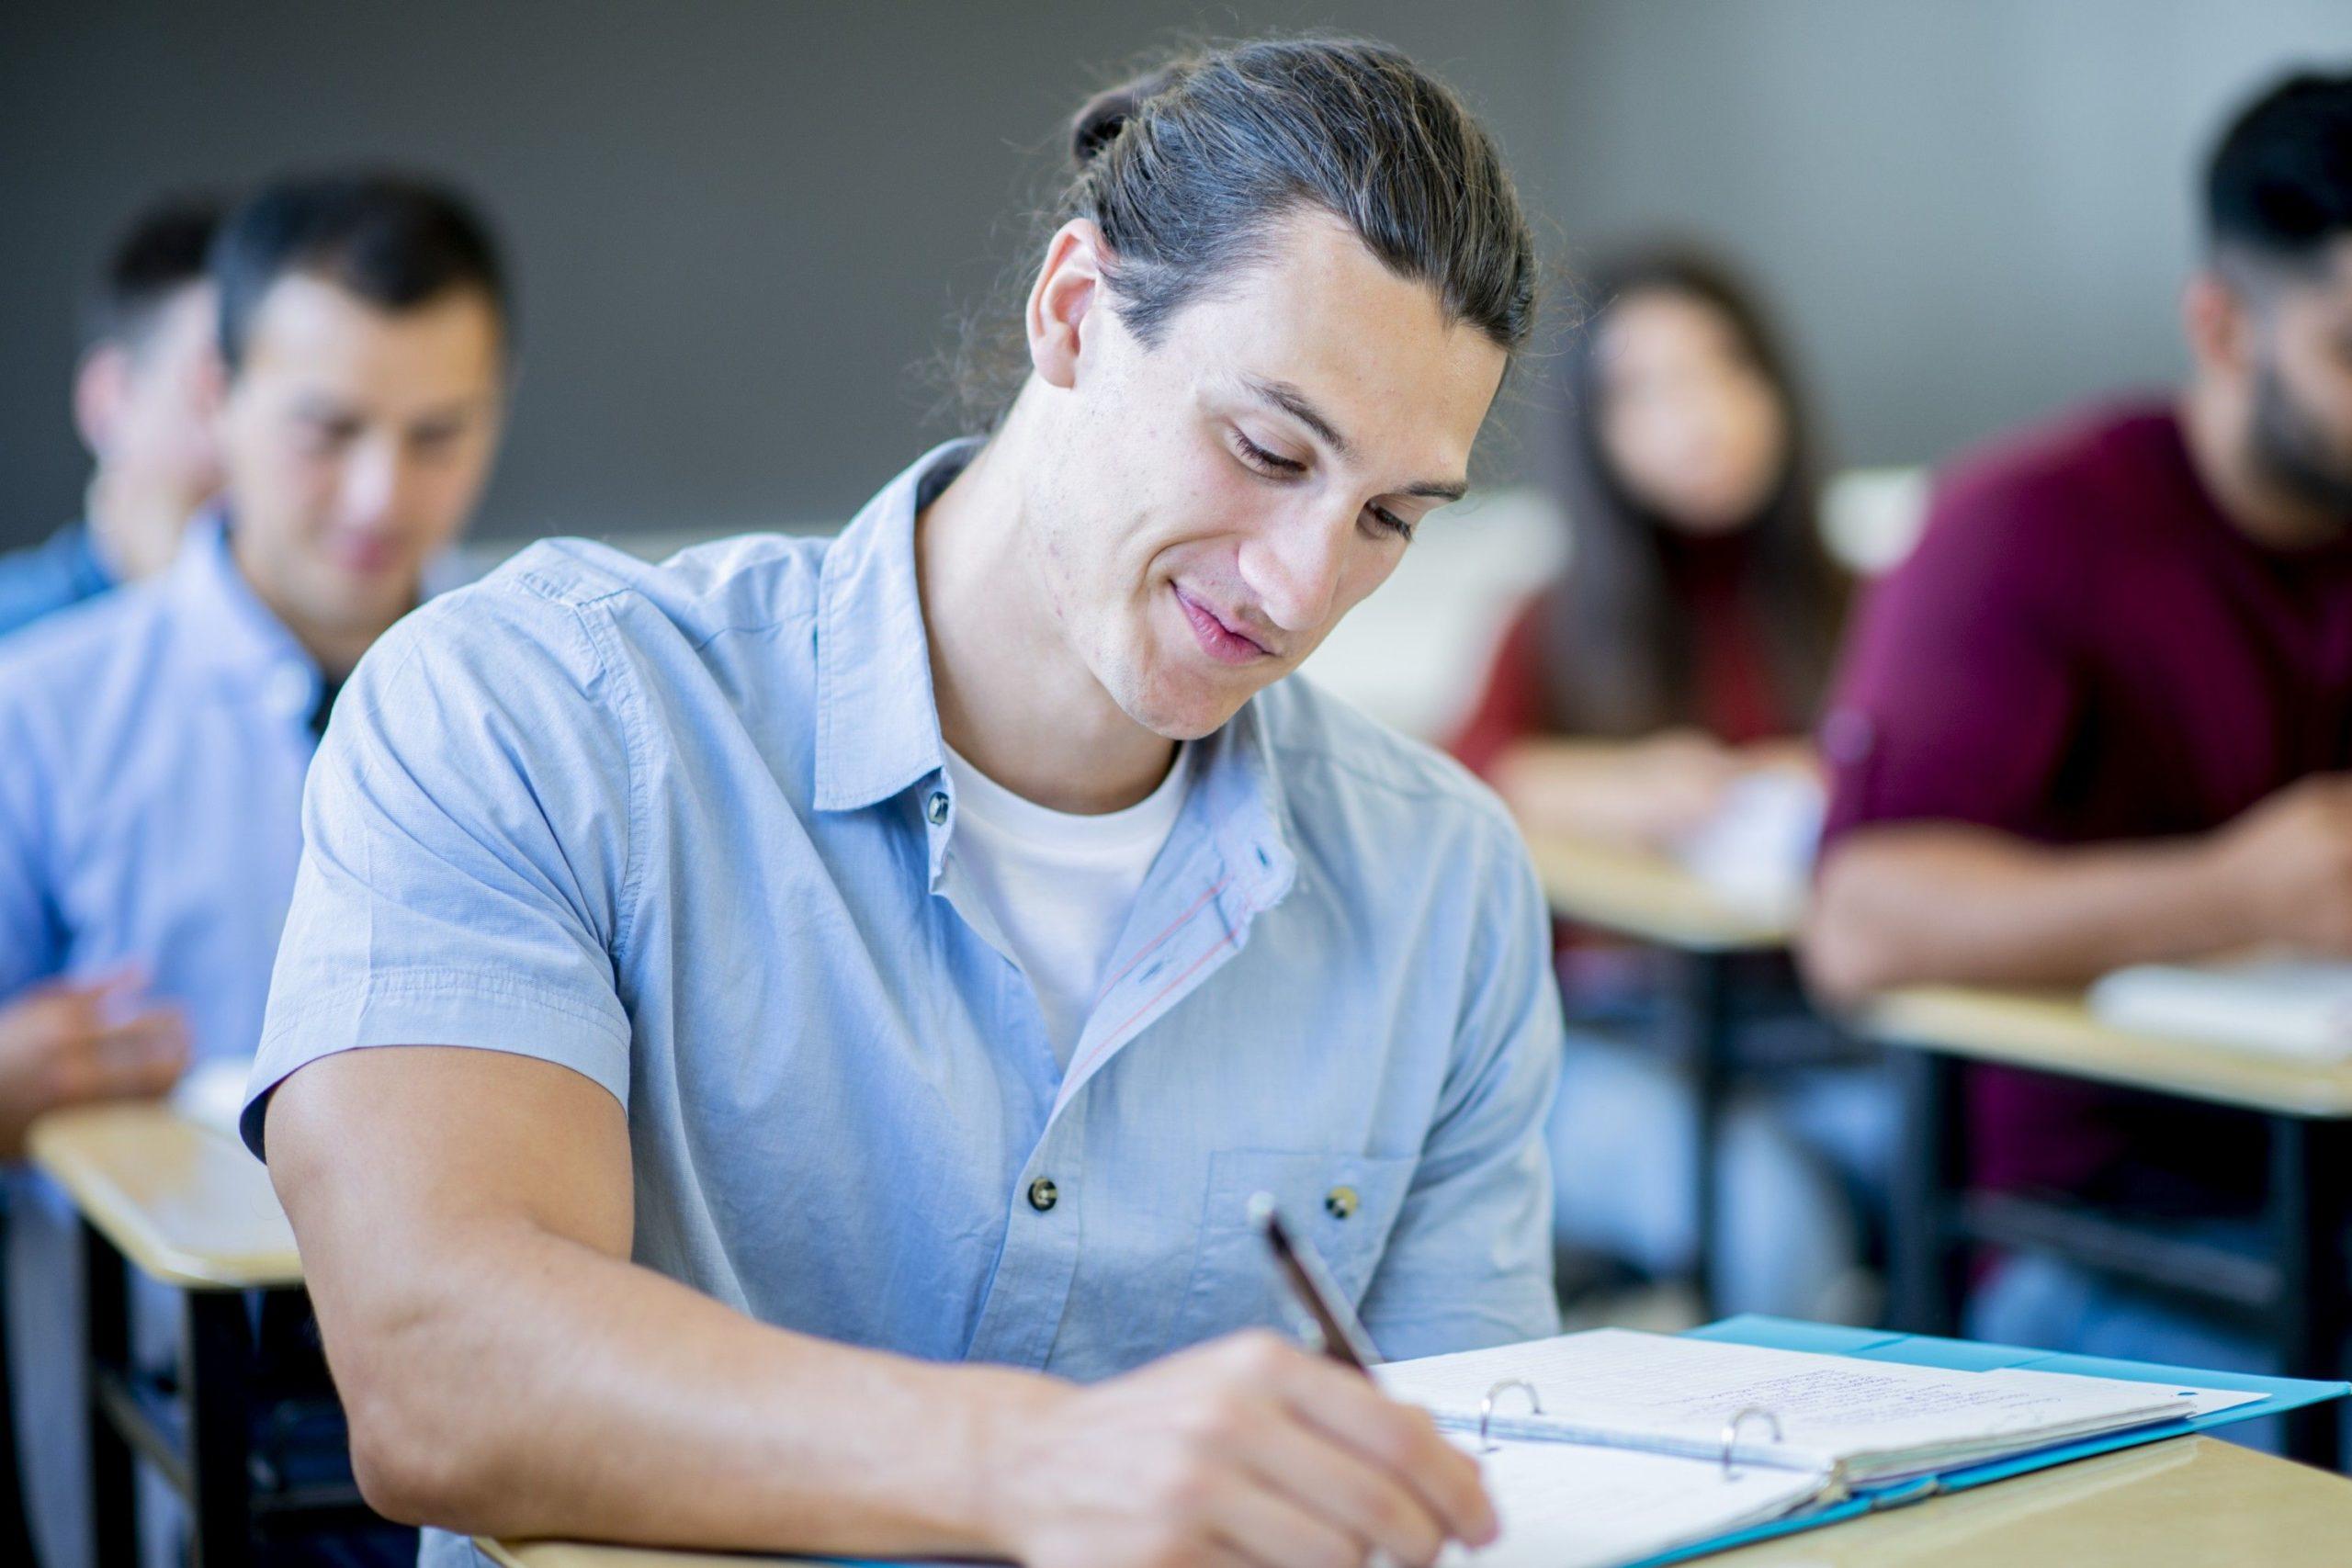 Grade Point Average: aprenda agora como calcular o GPA